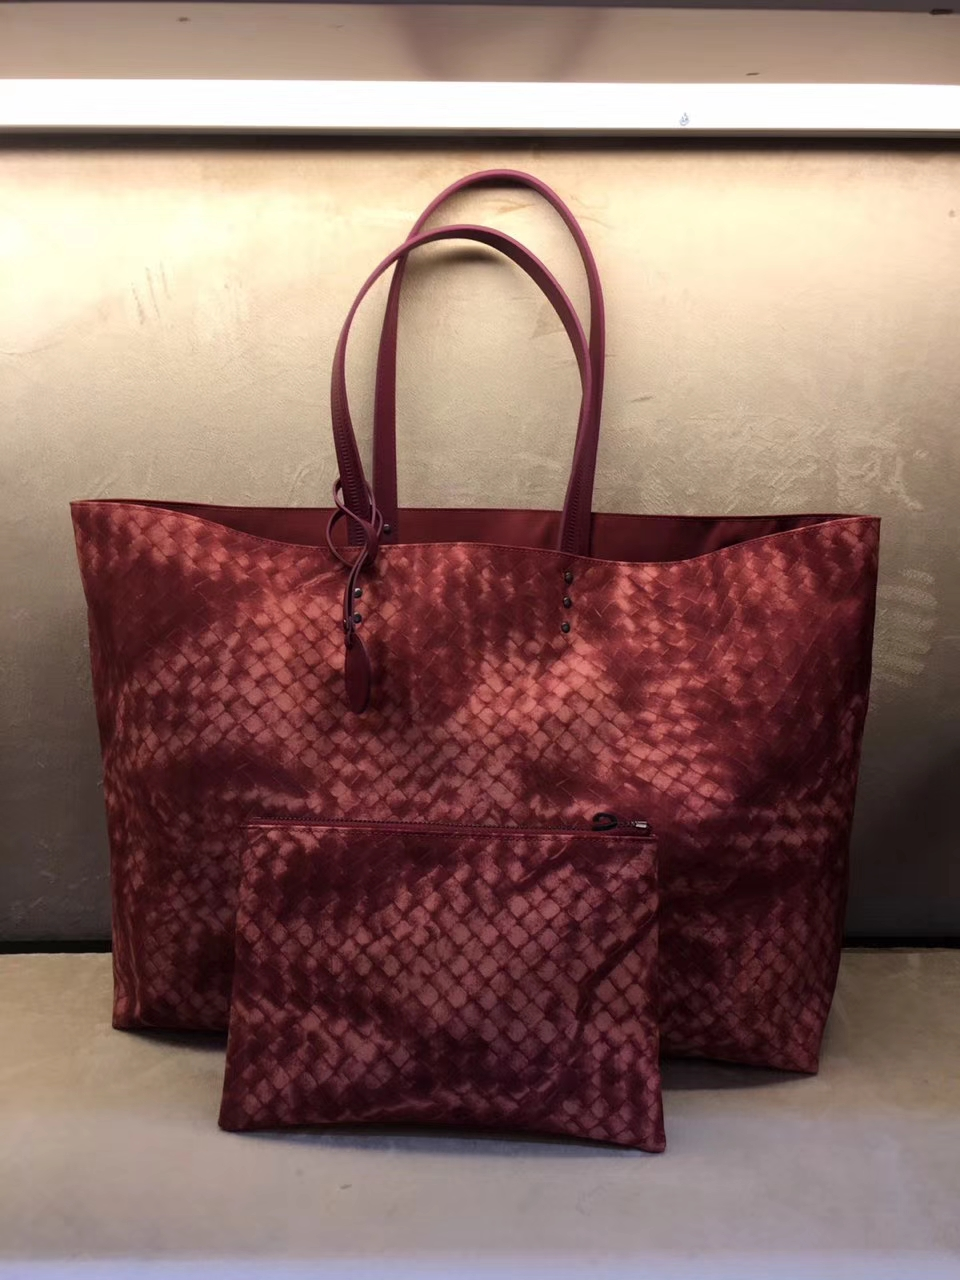 Bottega Veneta 宝缇嘉 2232 经典压花编织尼布包 妈咪包 工勤包 书包 正红花色